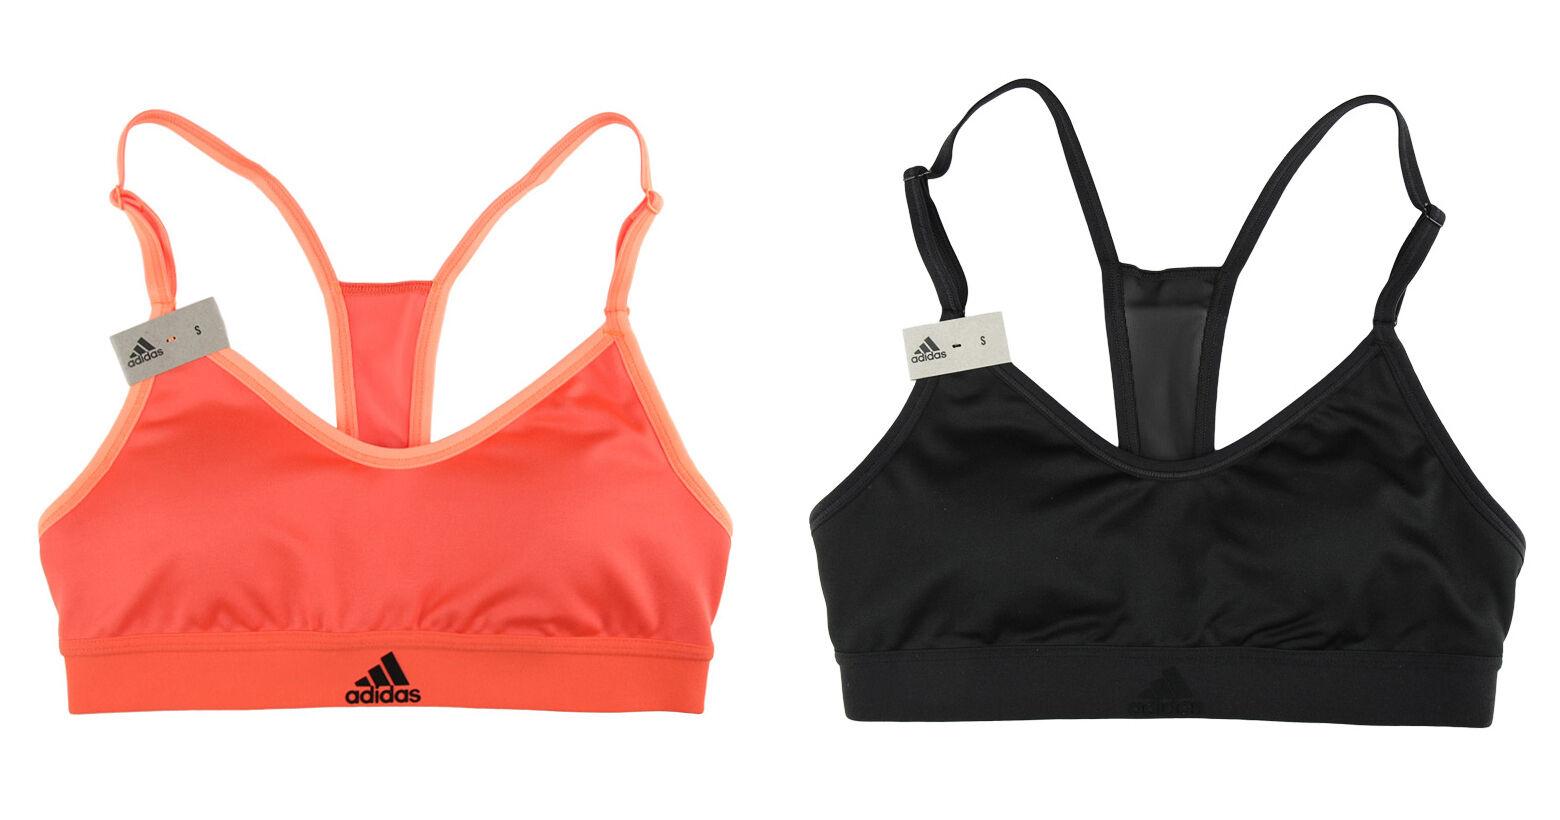 Adidas Para Mujer Nuevo Con Correas Sujetador BQ6494 BQ6489 Entrenamiento Climacool Camiseta sin mangas de yoga